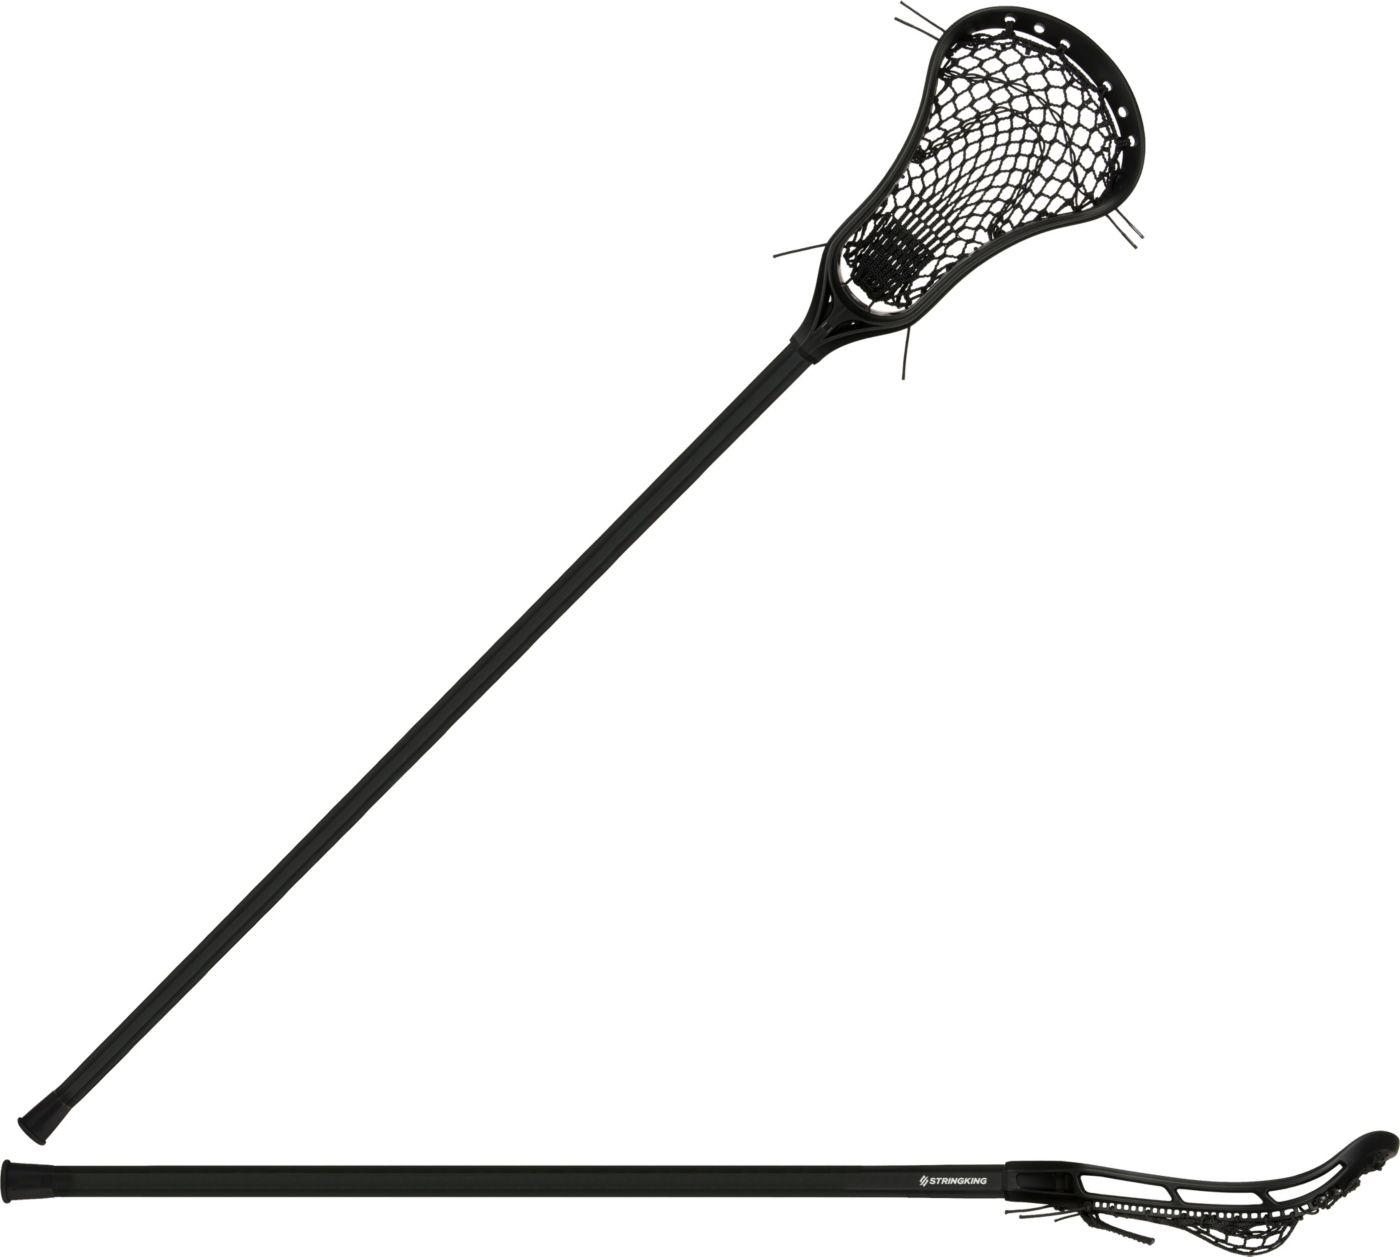 StringKing Women's Complete W on Metal 2W Lacrosse Stick